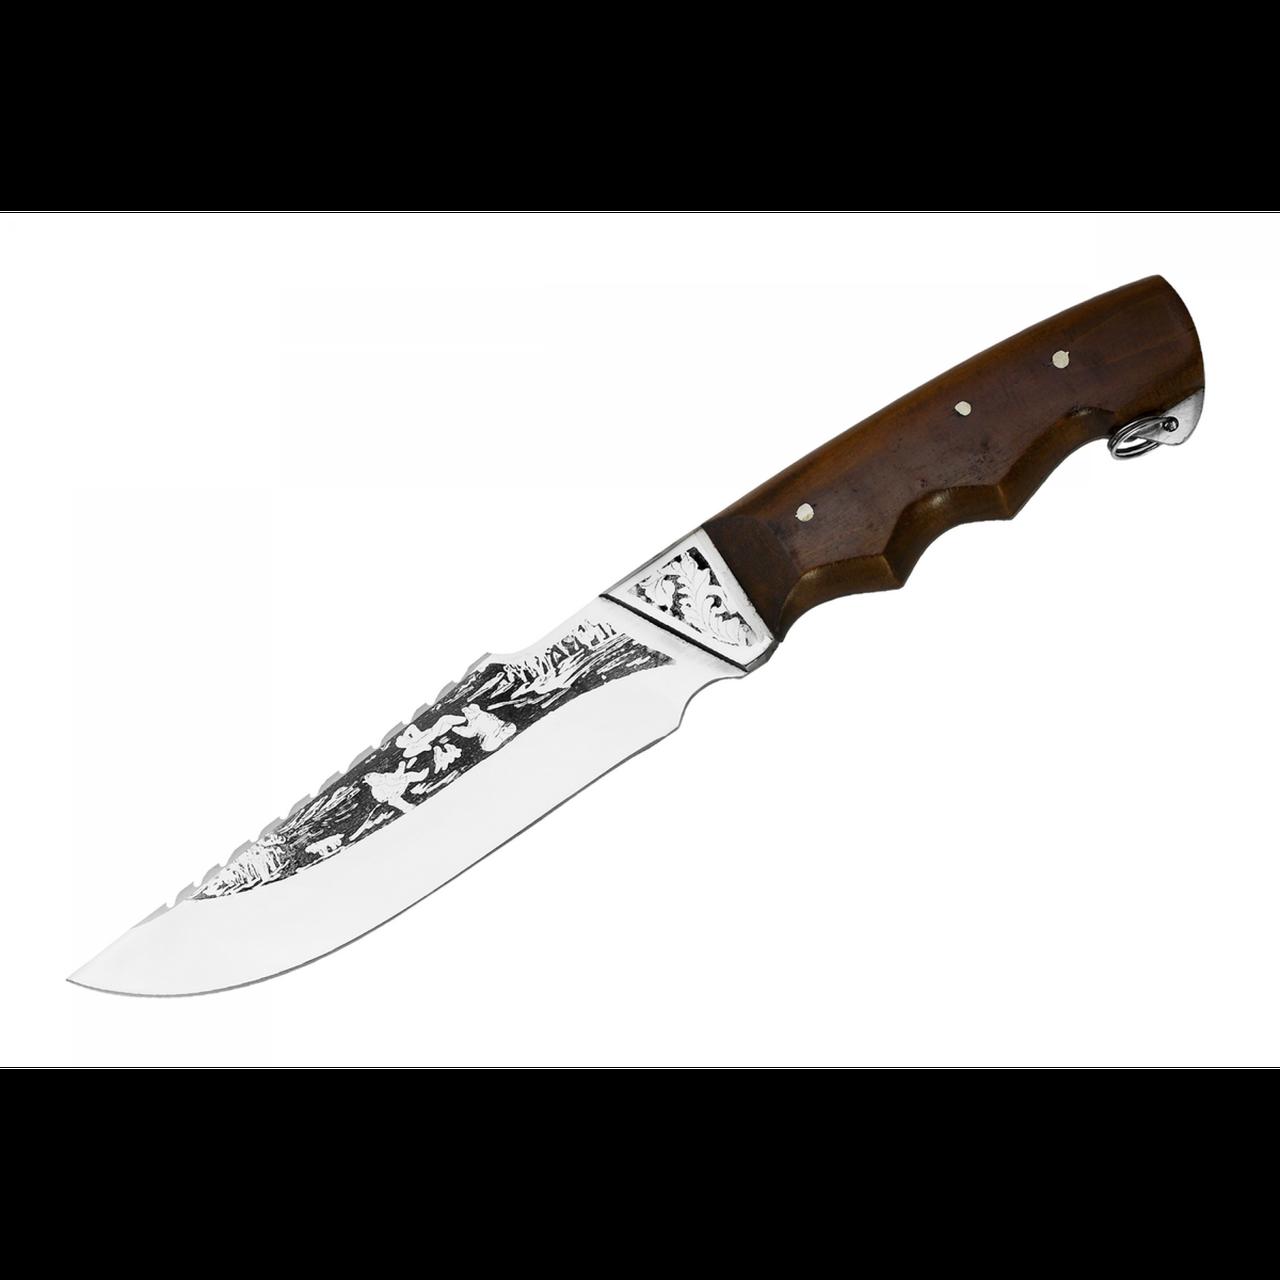 Нож охотничий егерь купить туристический охотничий нож ручной работы акула